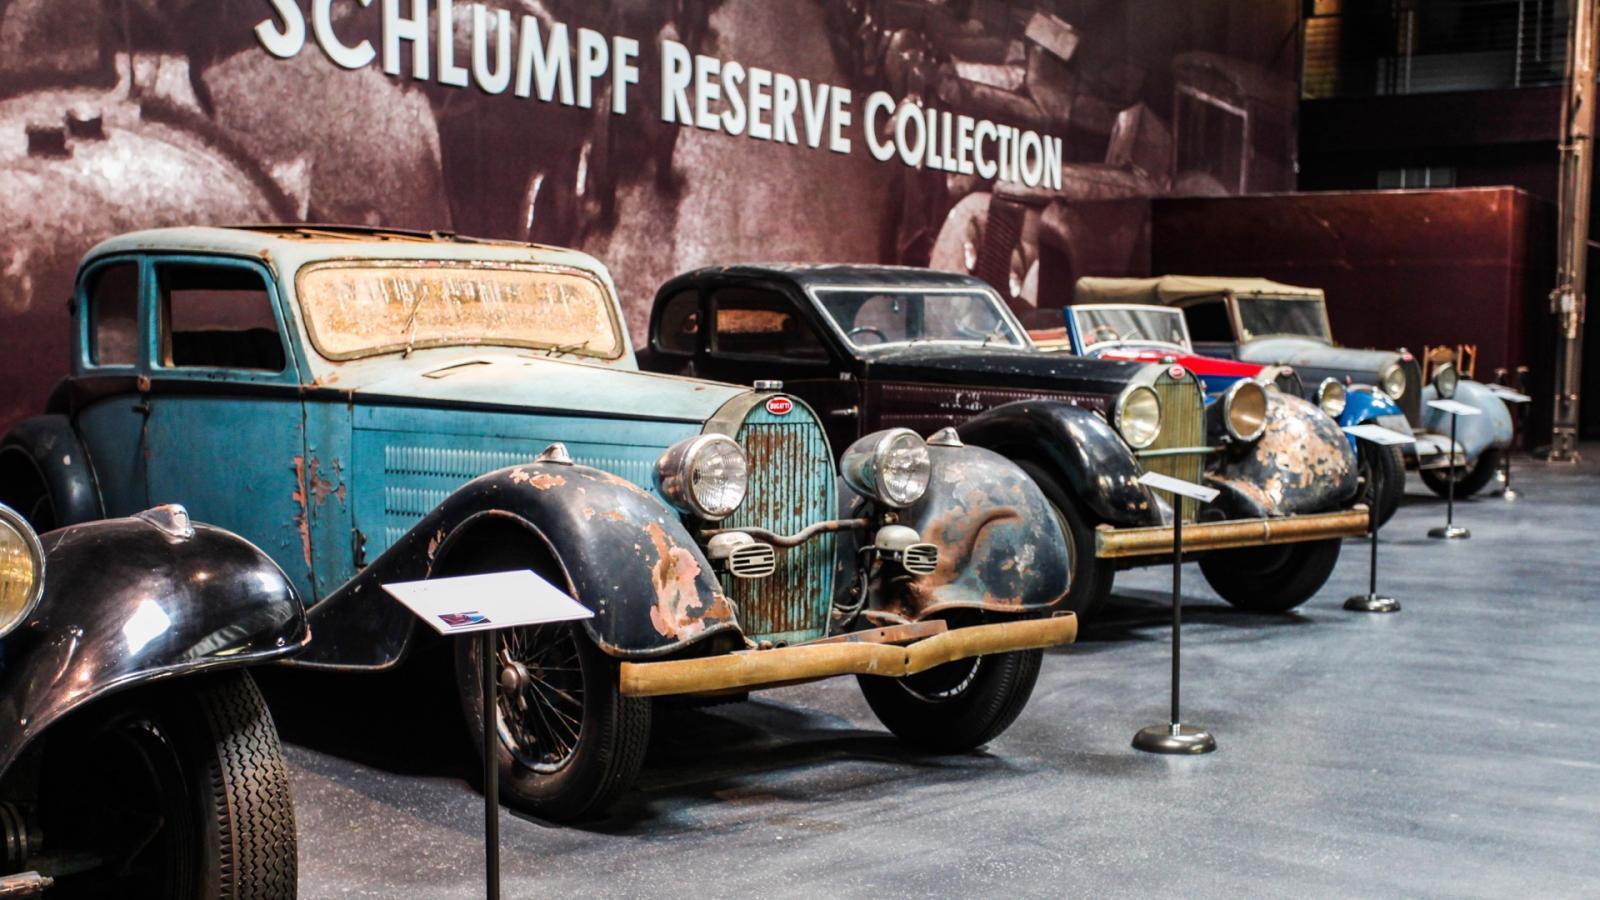 Colección Bugatti de Fritz Schlumpf